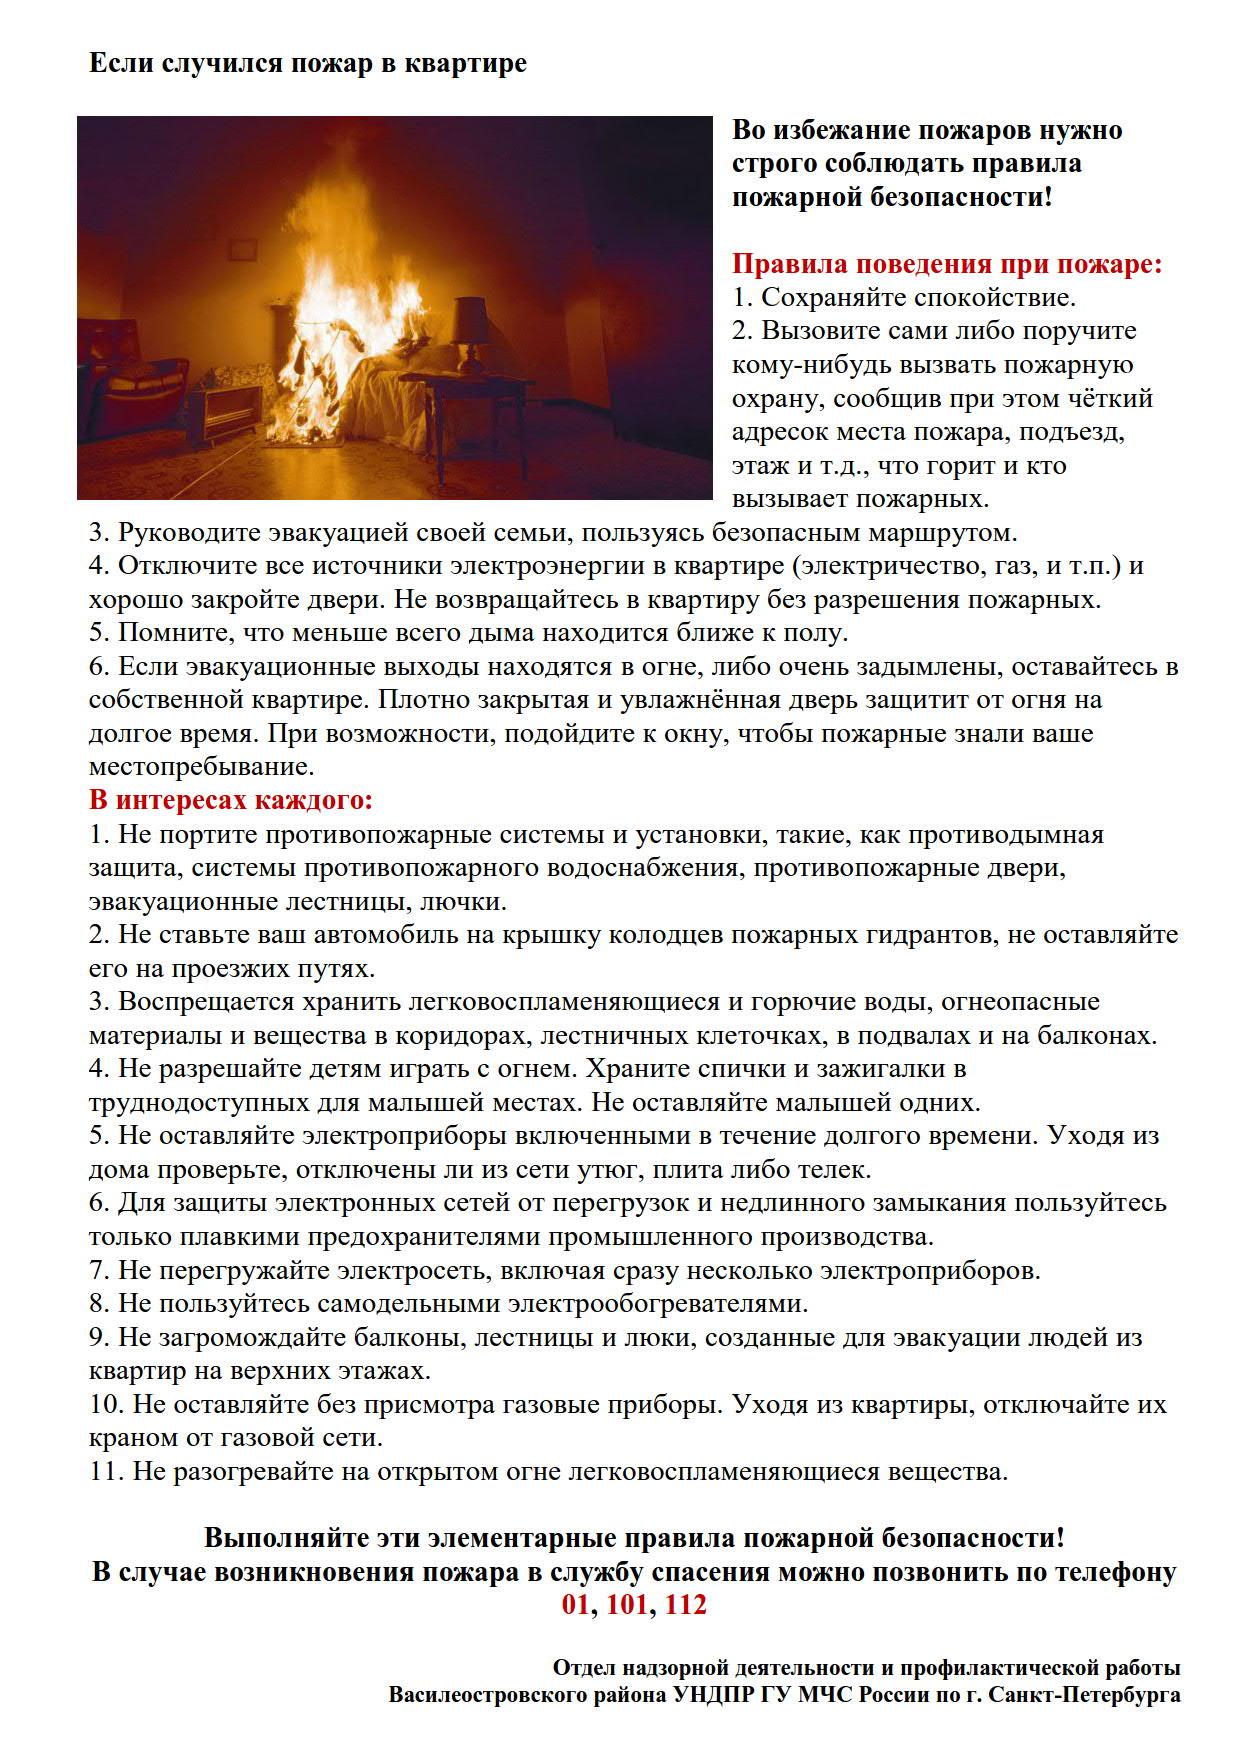 ПБ в квартире_1